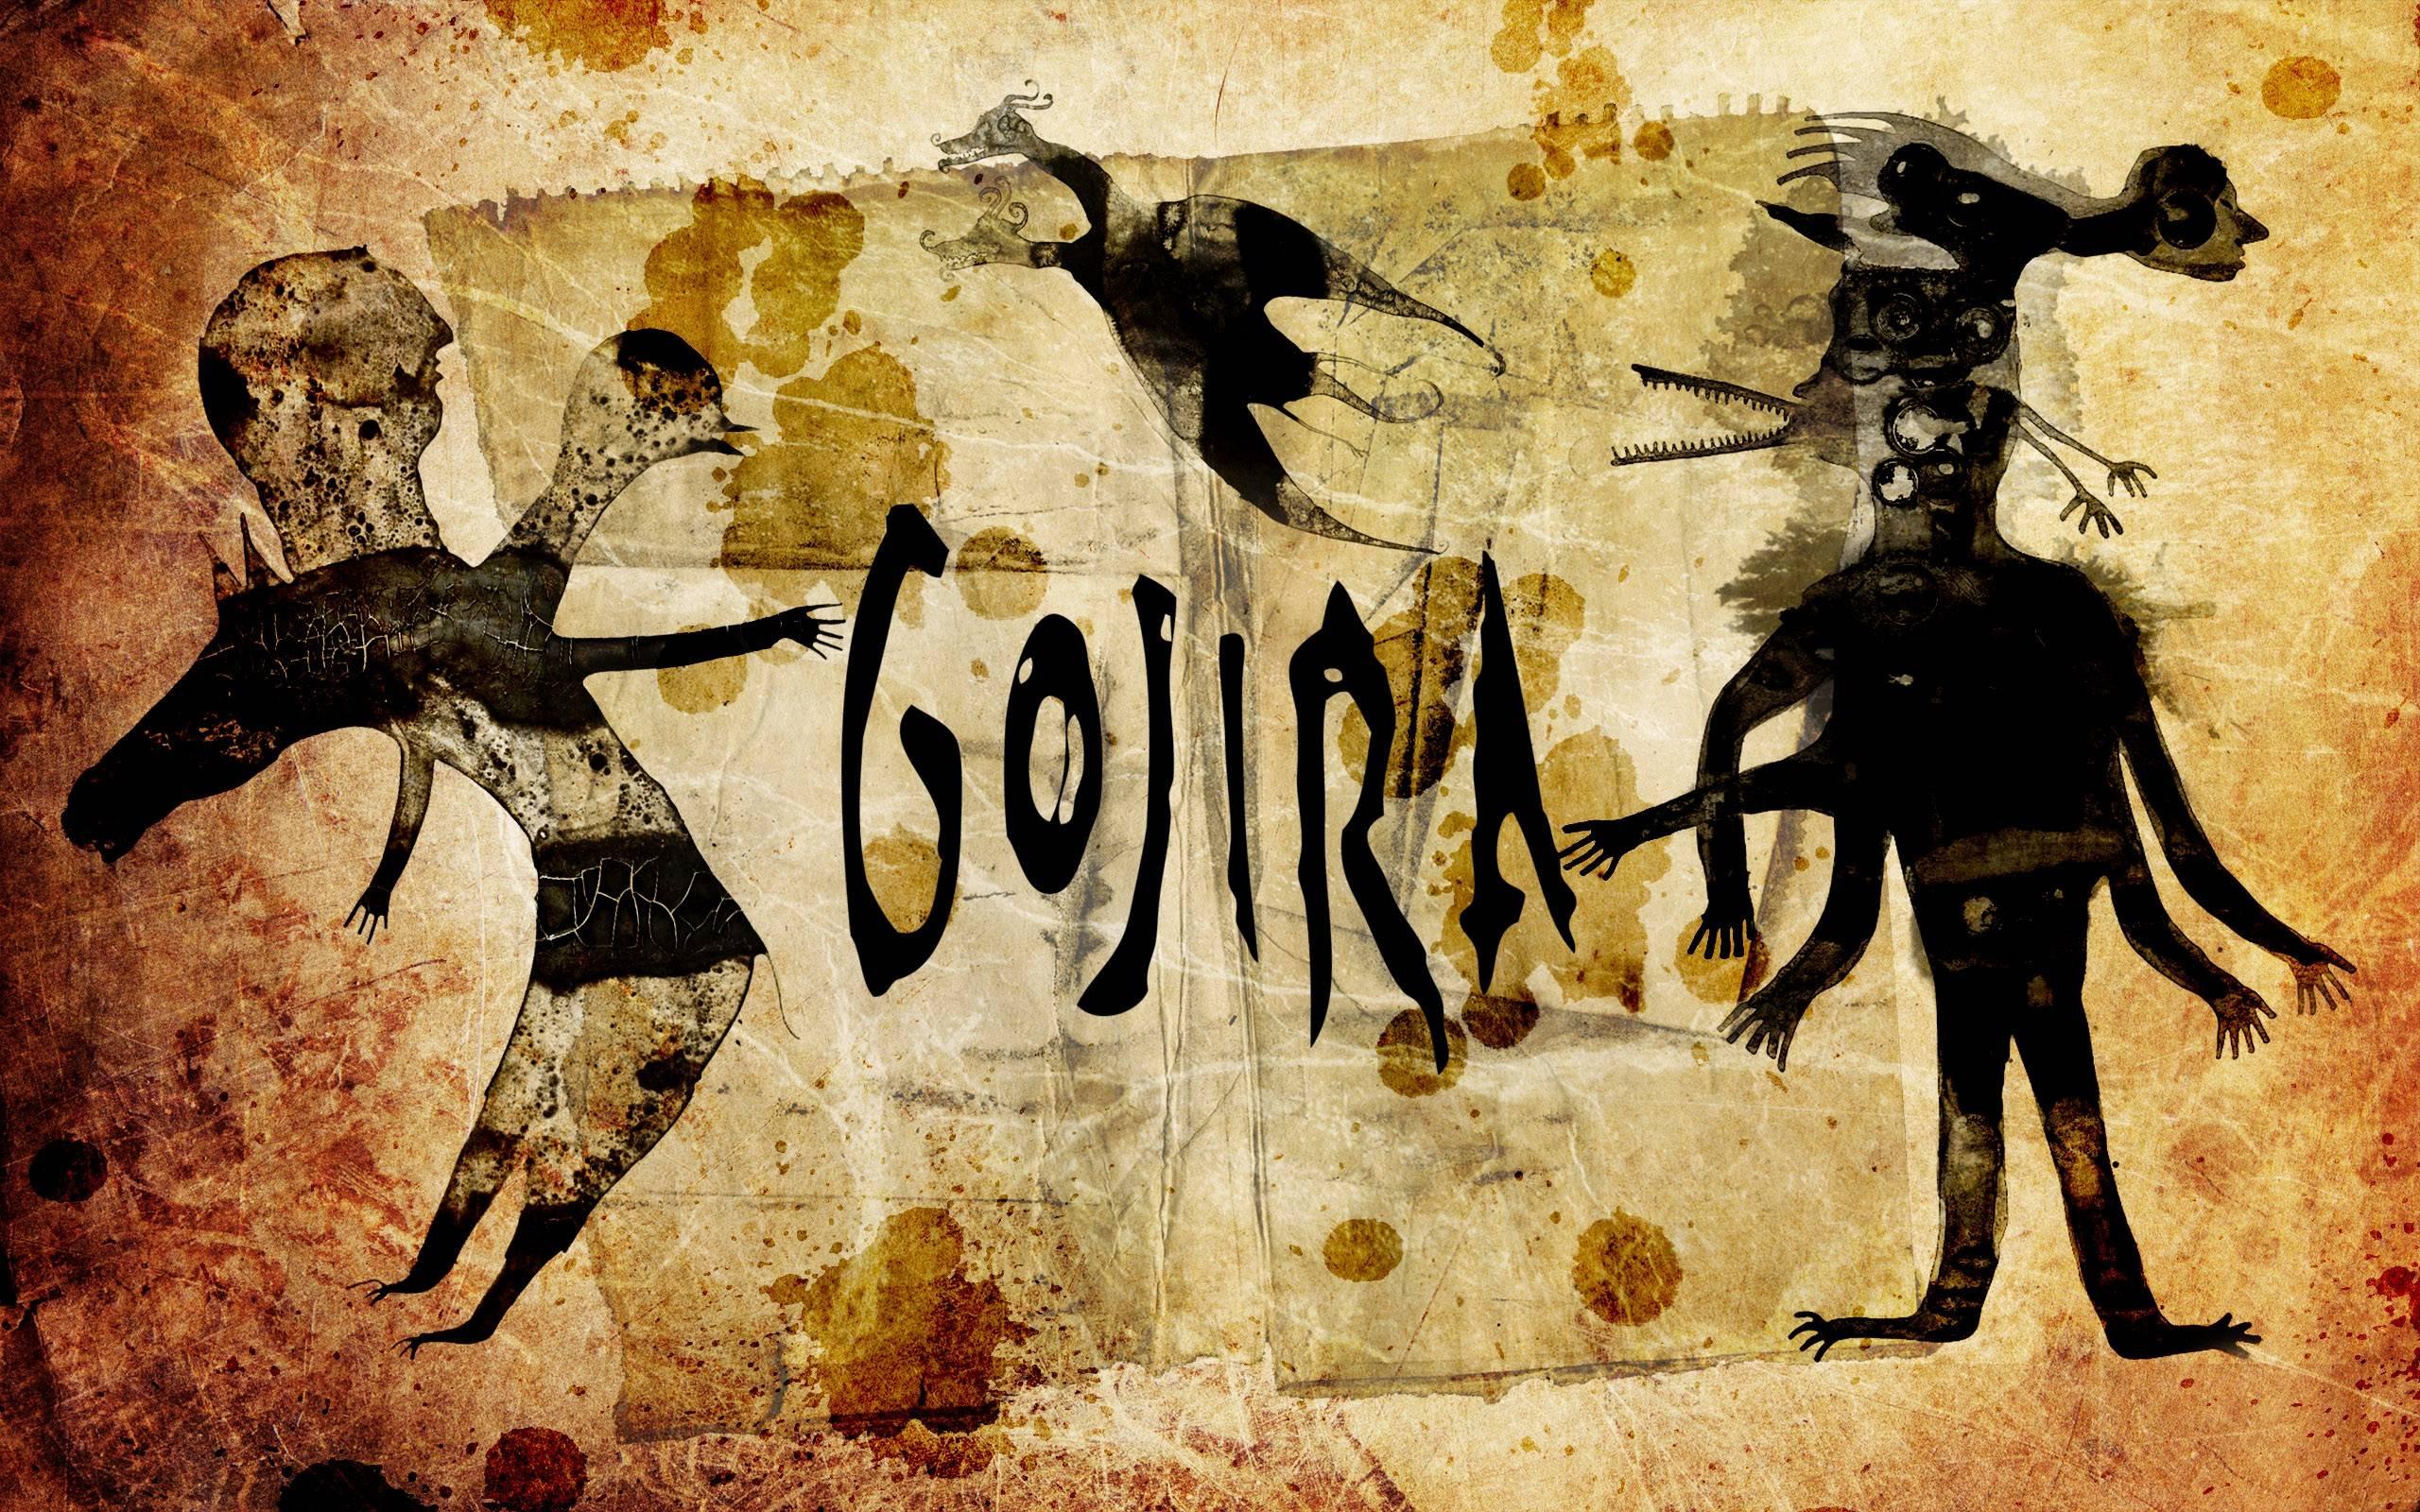 Music Gojira 25602151600 Wallpaper 1718885 2560x1600